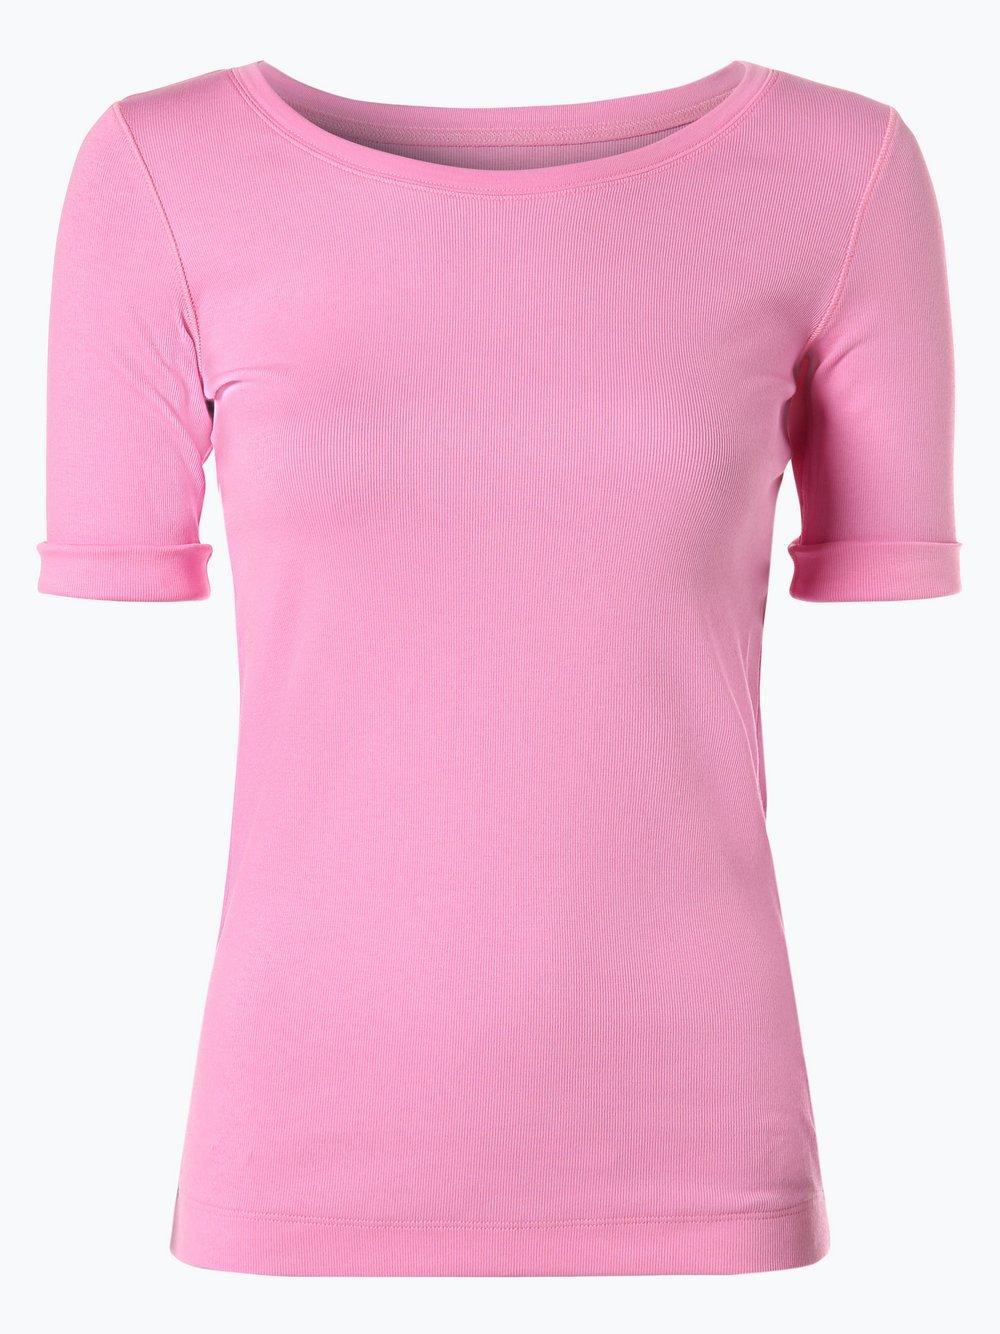 82be0c4a5d11 Marc Cain Sports Damen T-Shirt  2  online kaufen   PEEK-UND ...